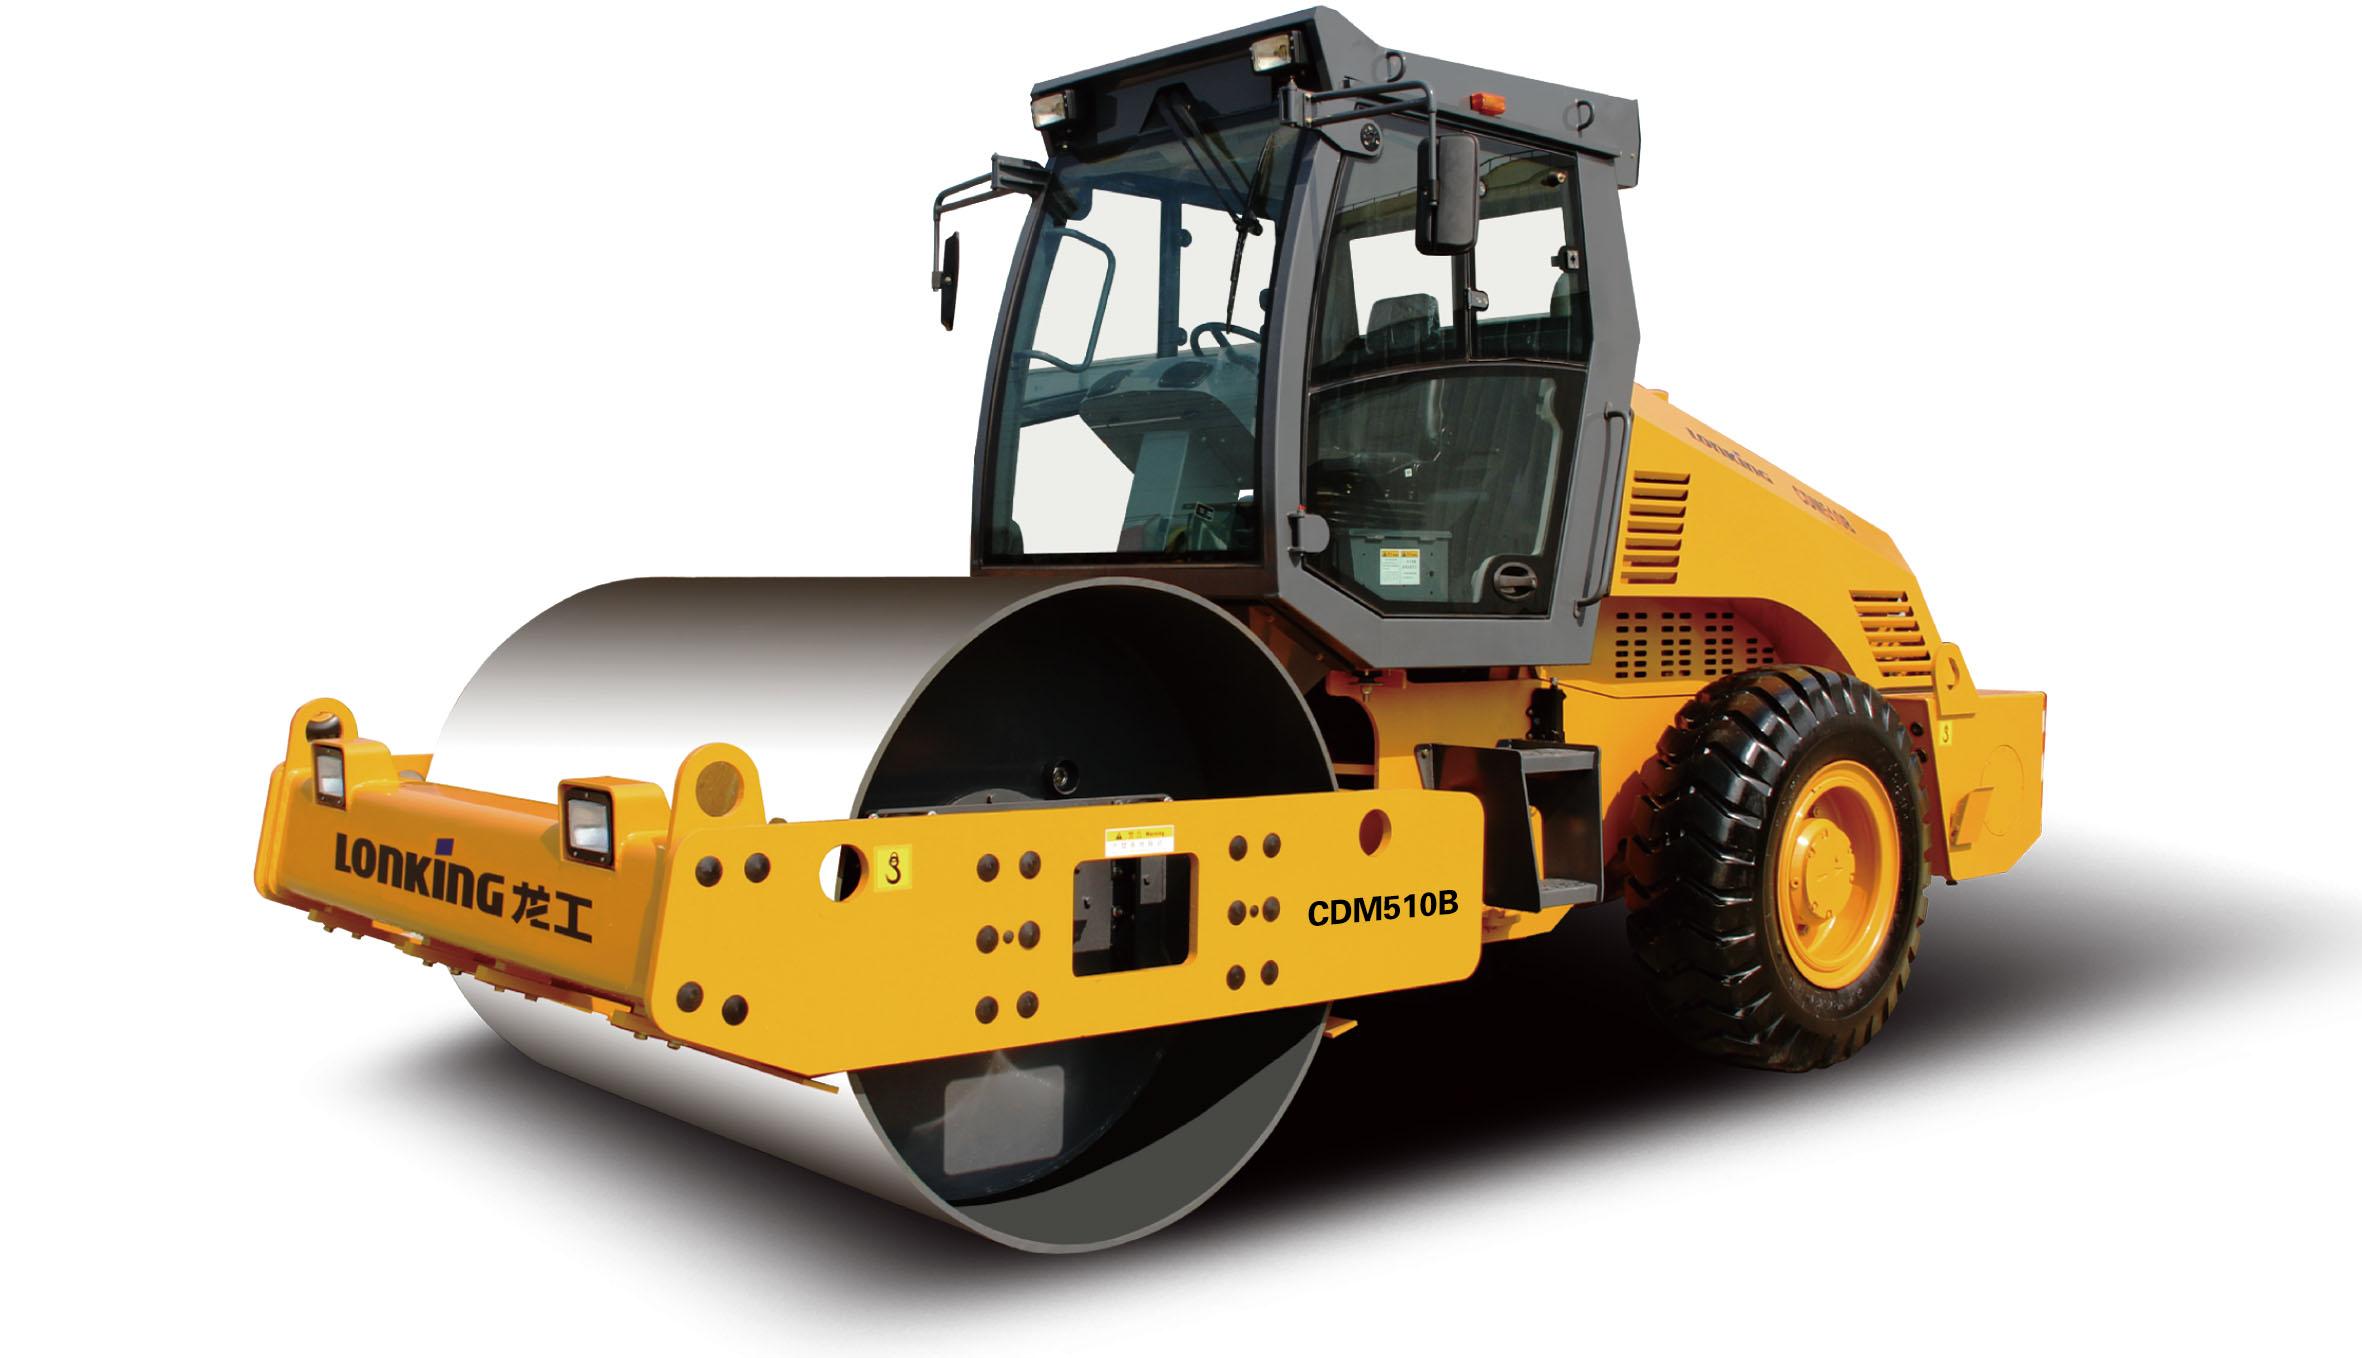 CDM510B